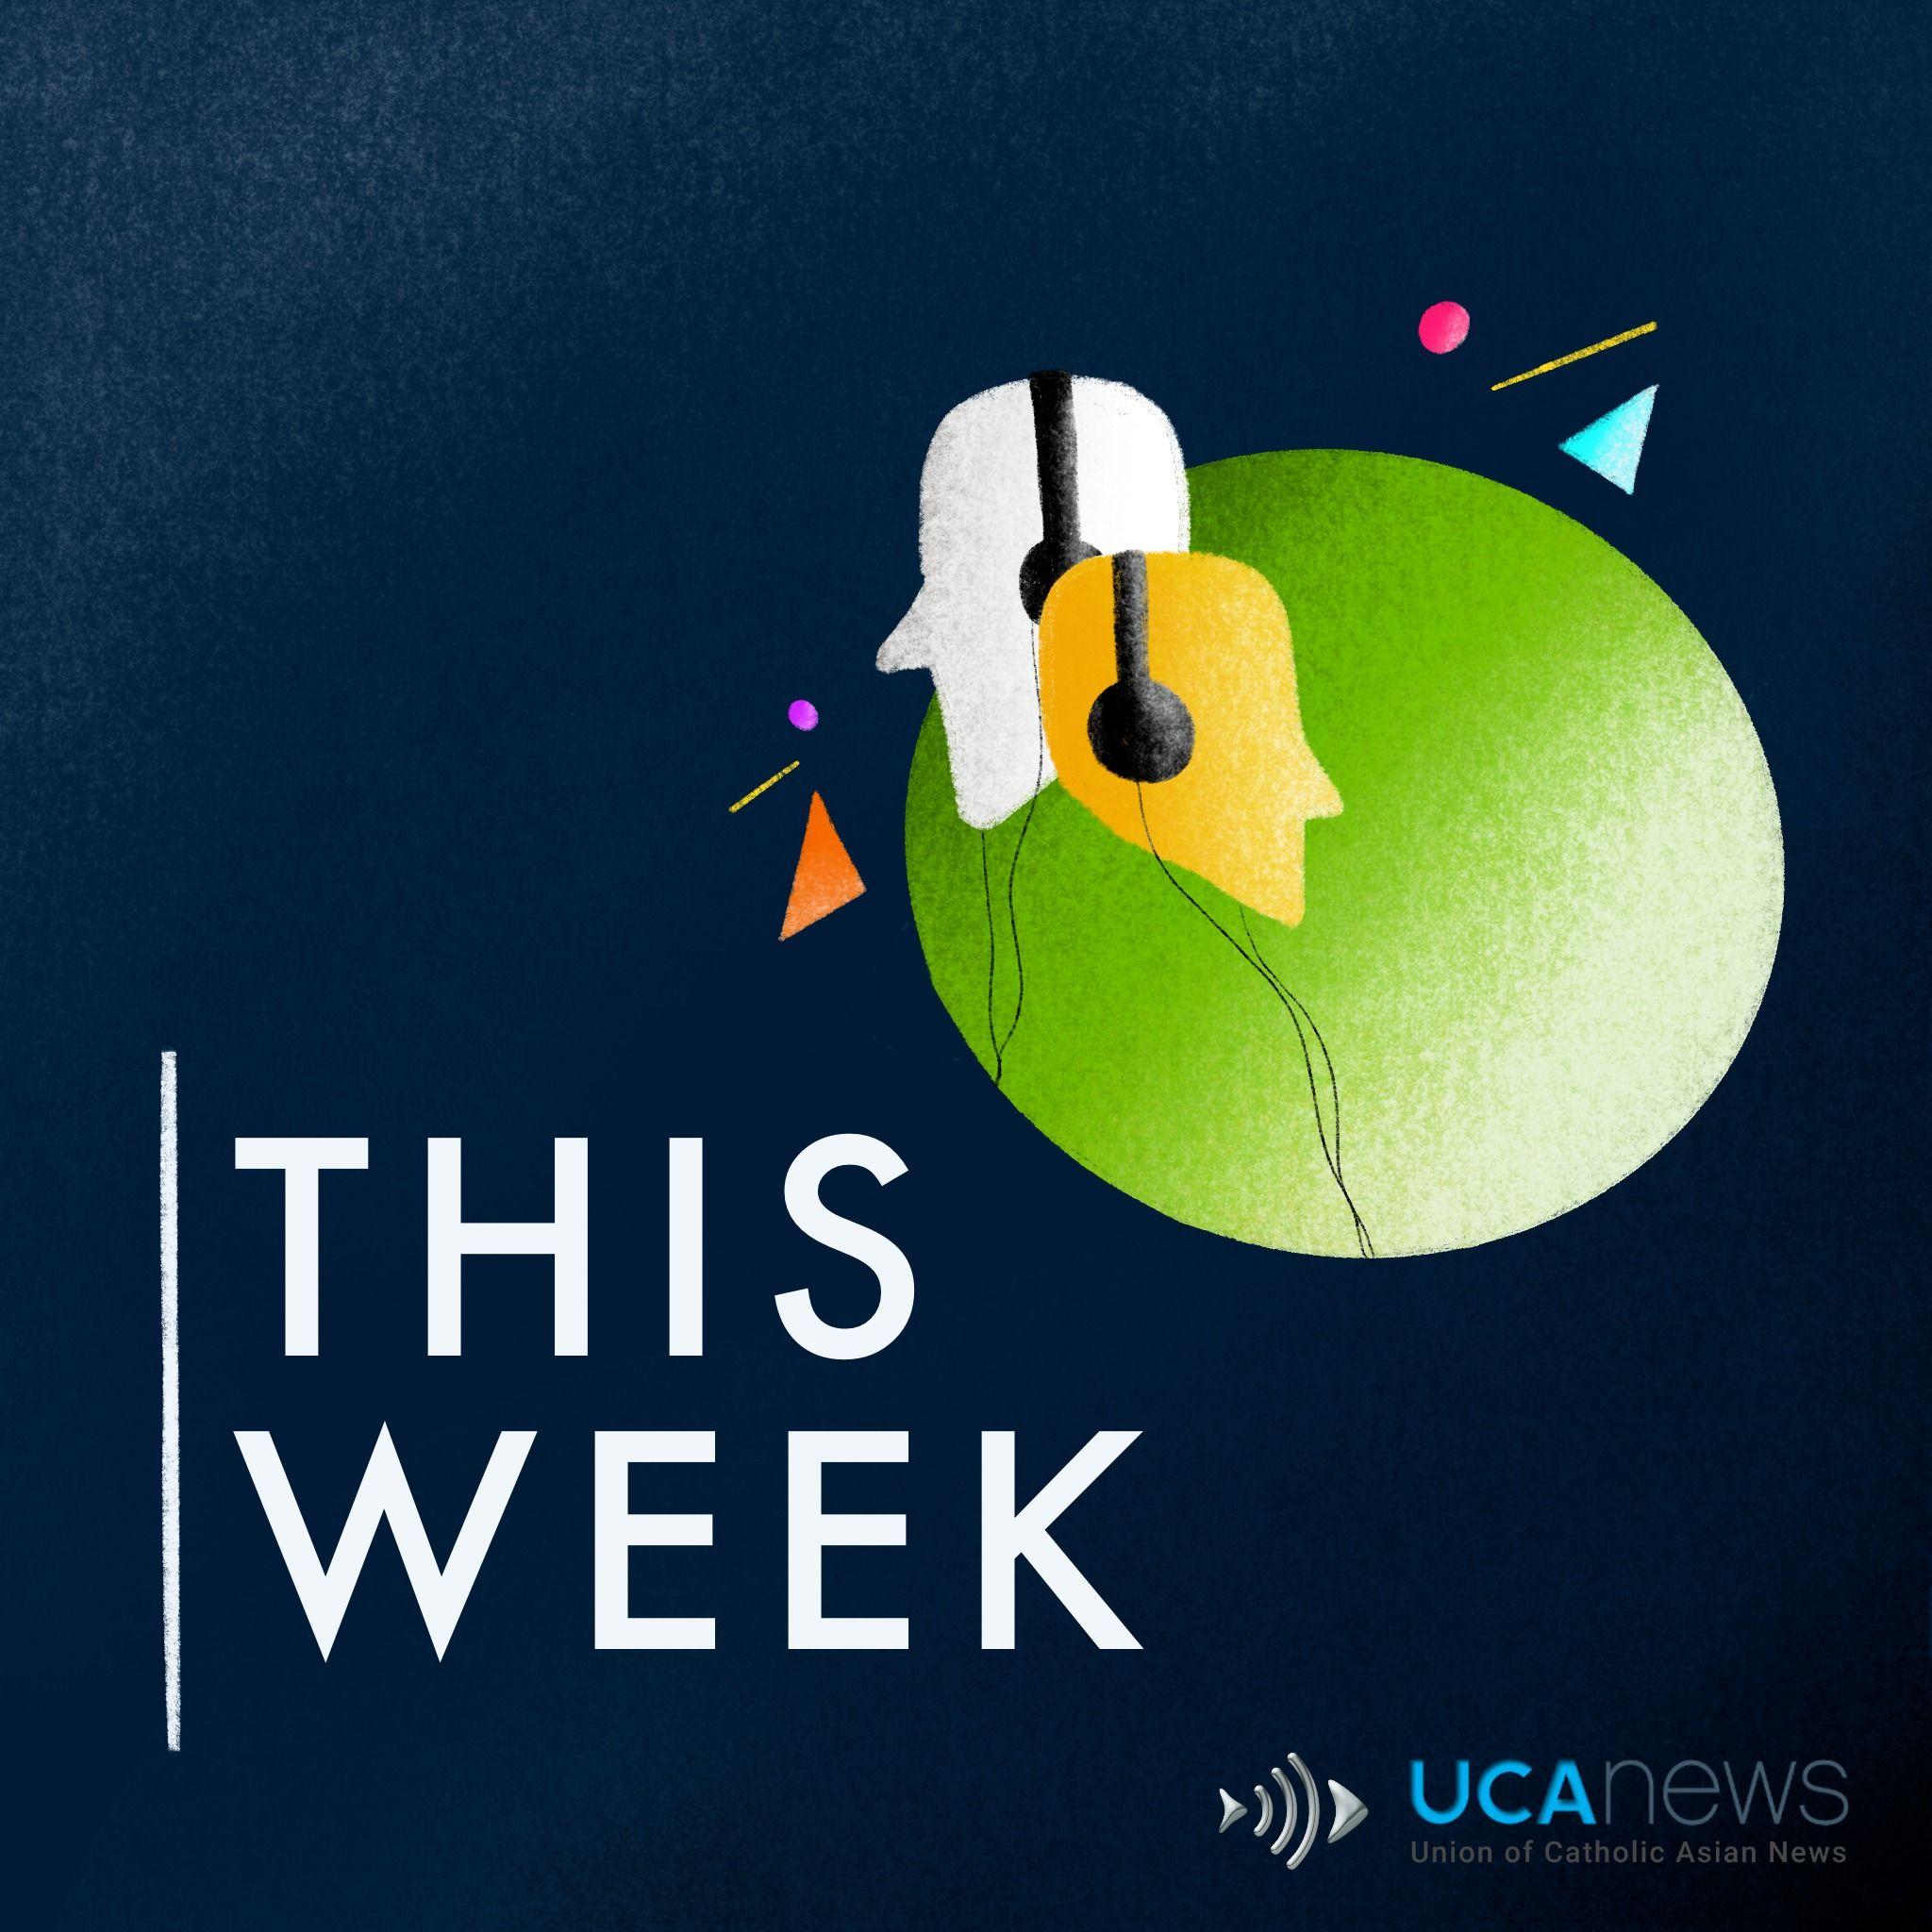 UCA News Weekly Summary, July 23, 2021